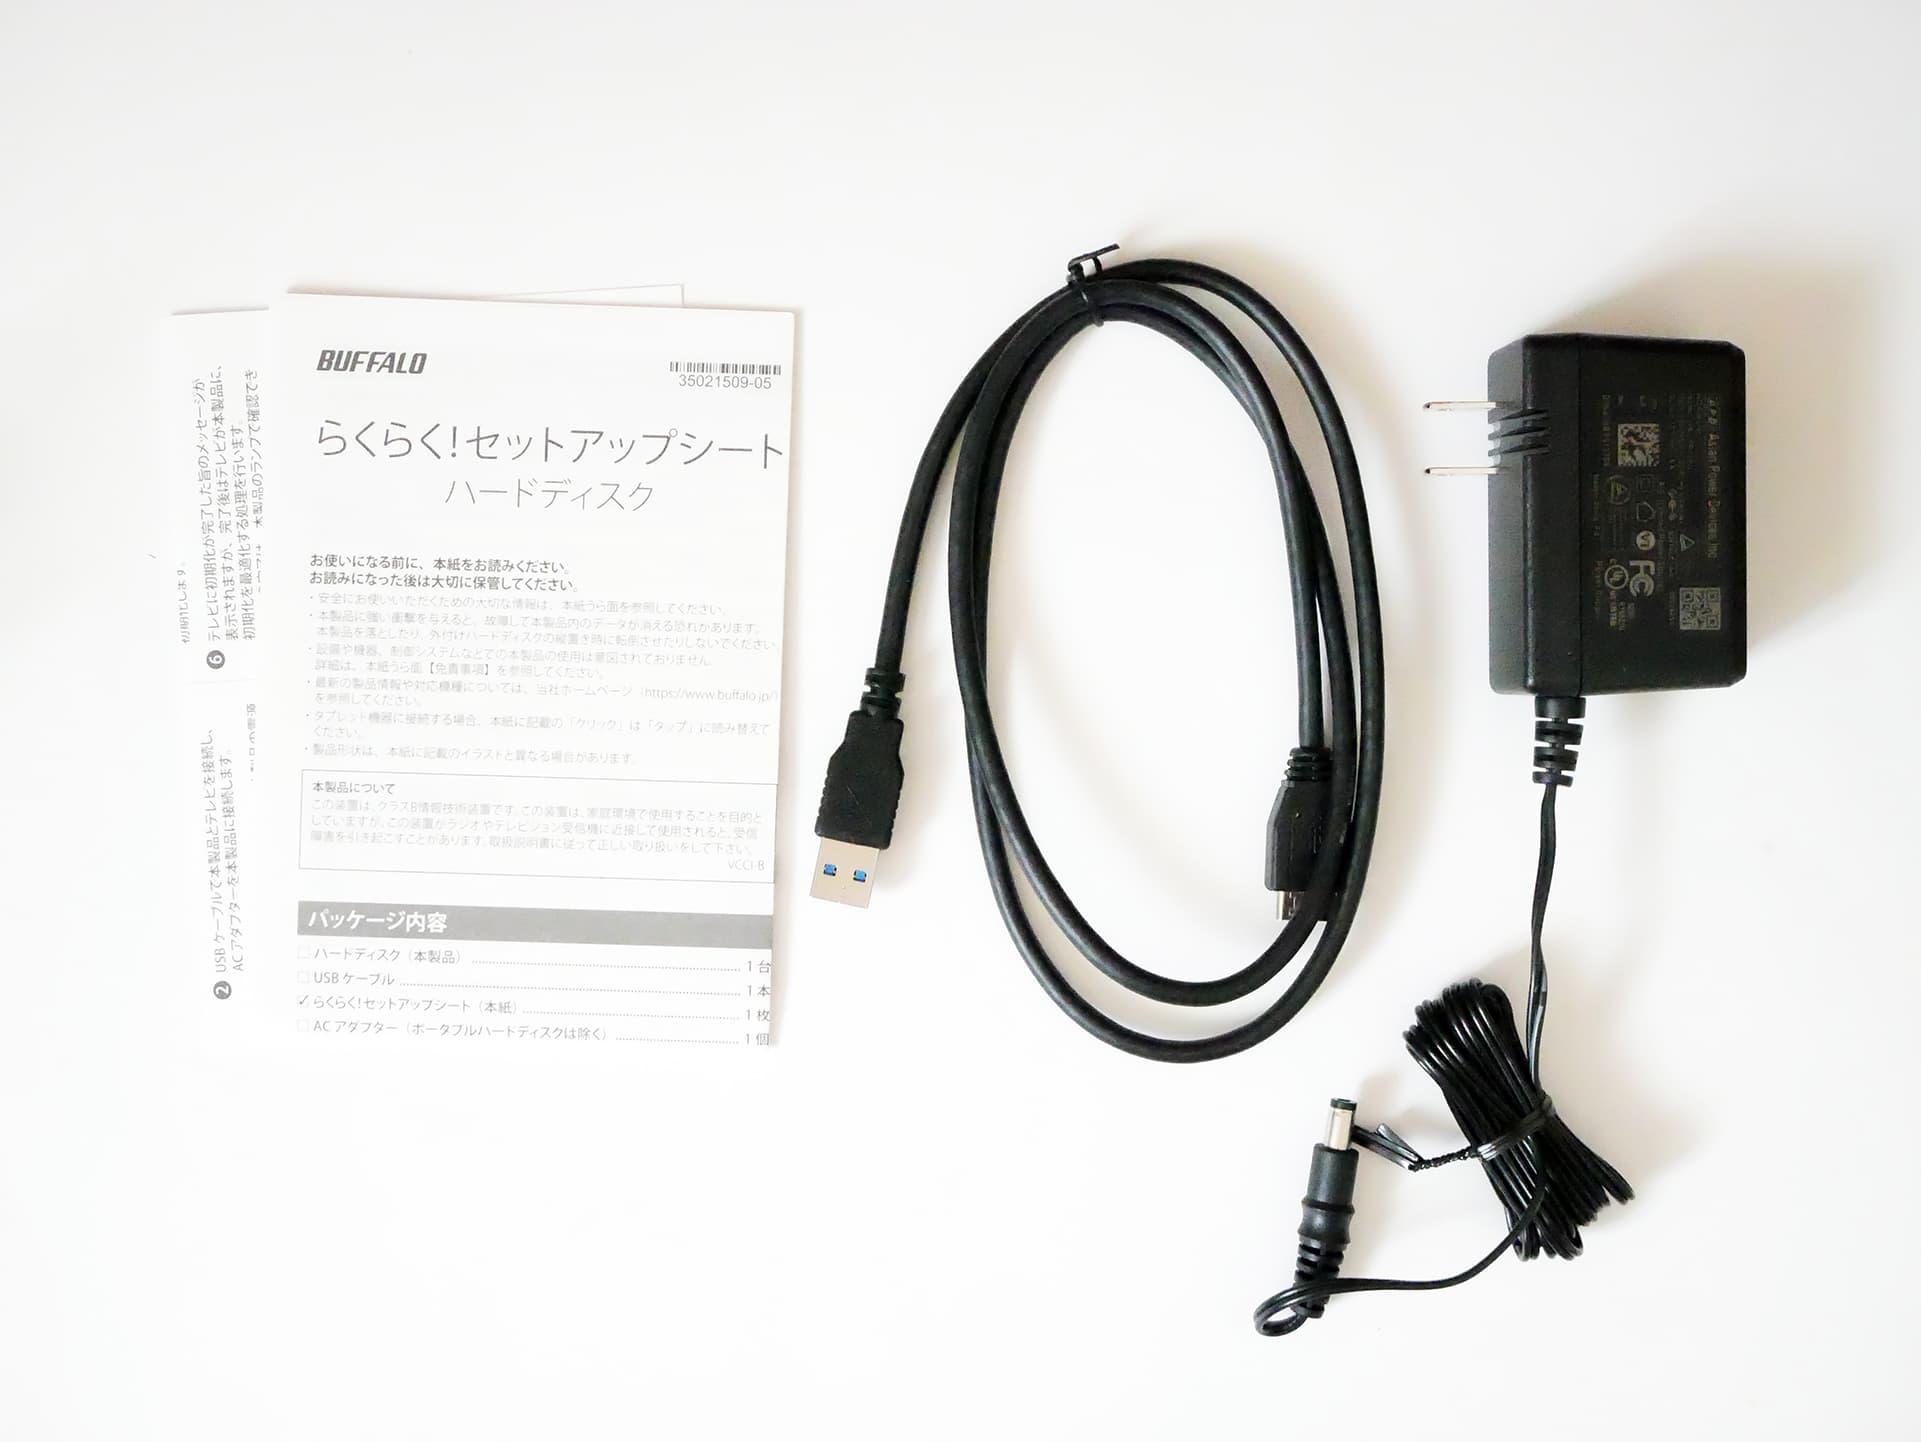 BUFFALO HD-NRLD3.0U3-BA 付属品